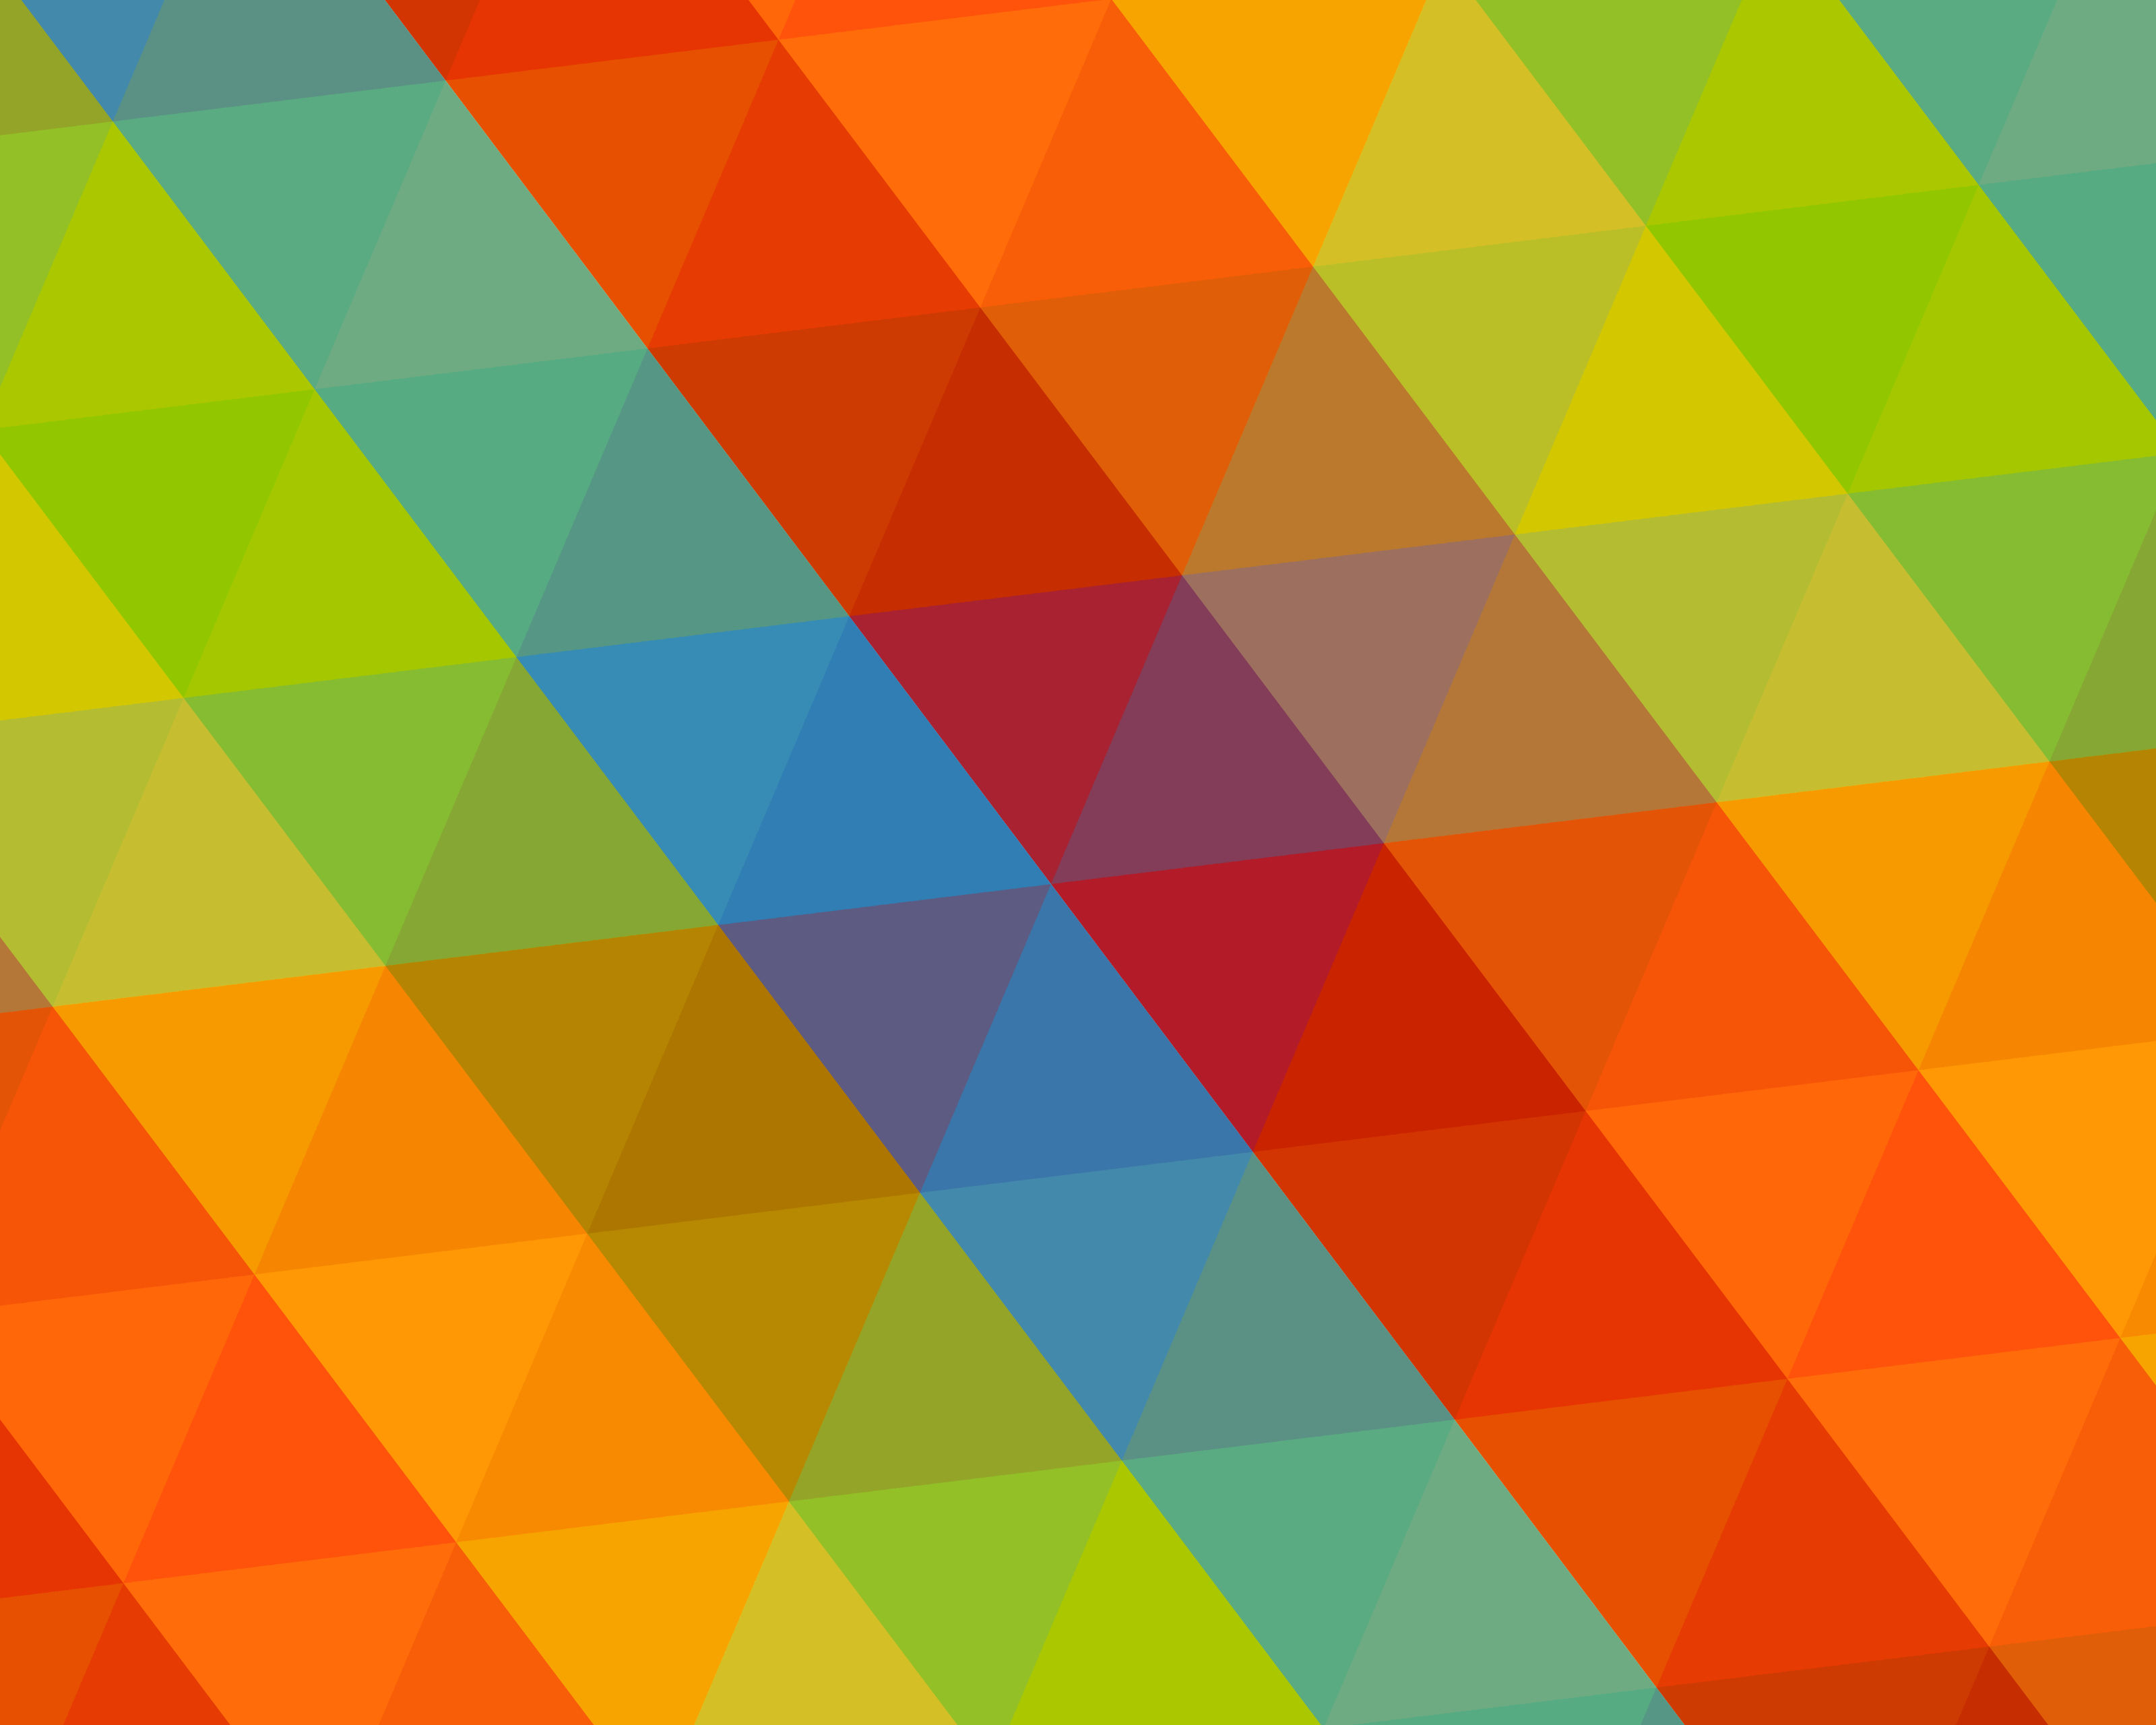 Prism burst sfondi android gratis da scaricare 12 for Sfondi per cellulare gratis